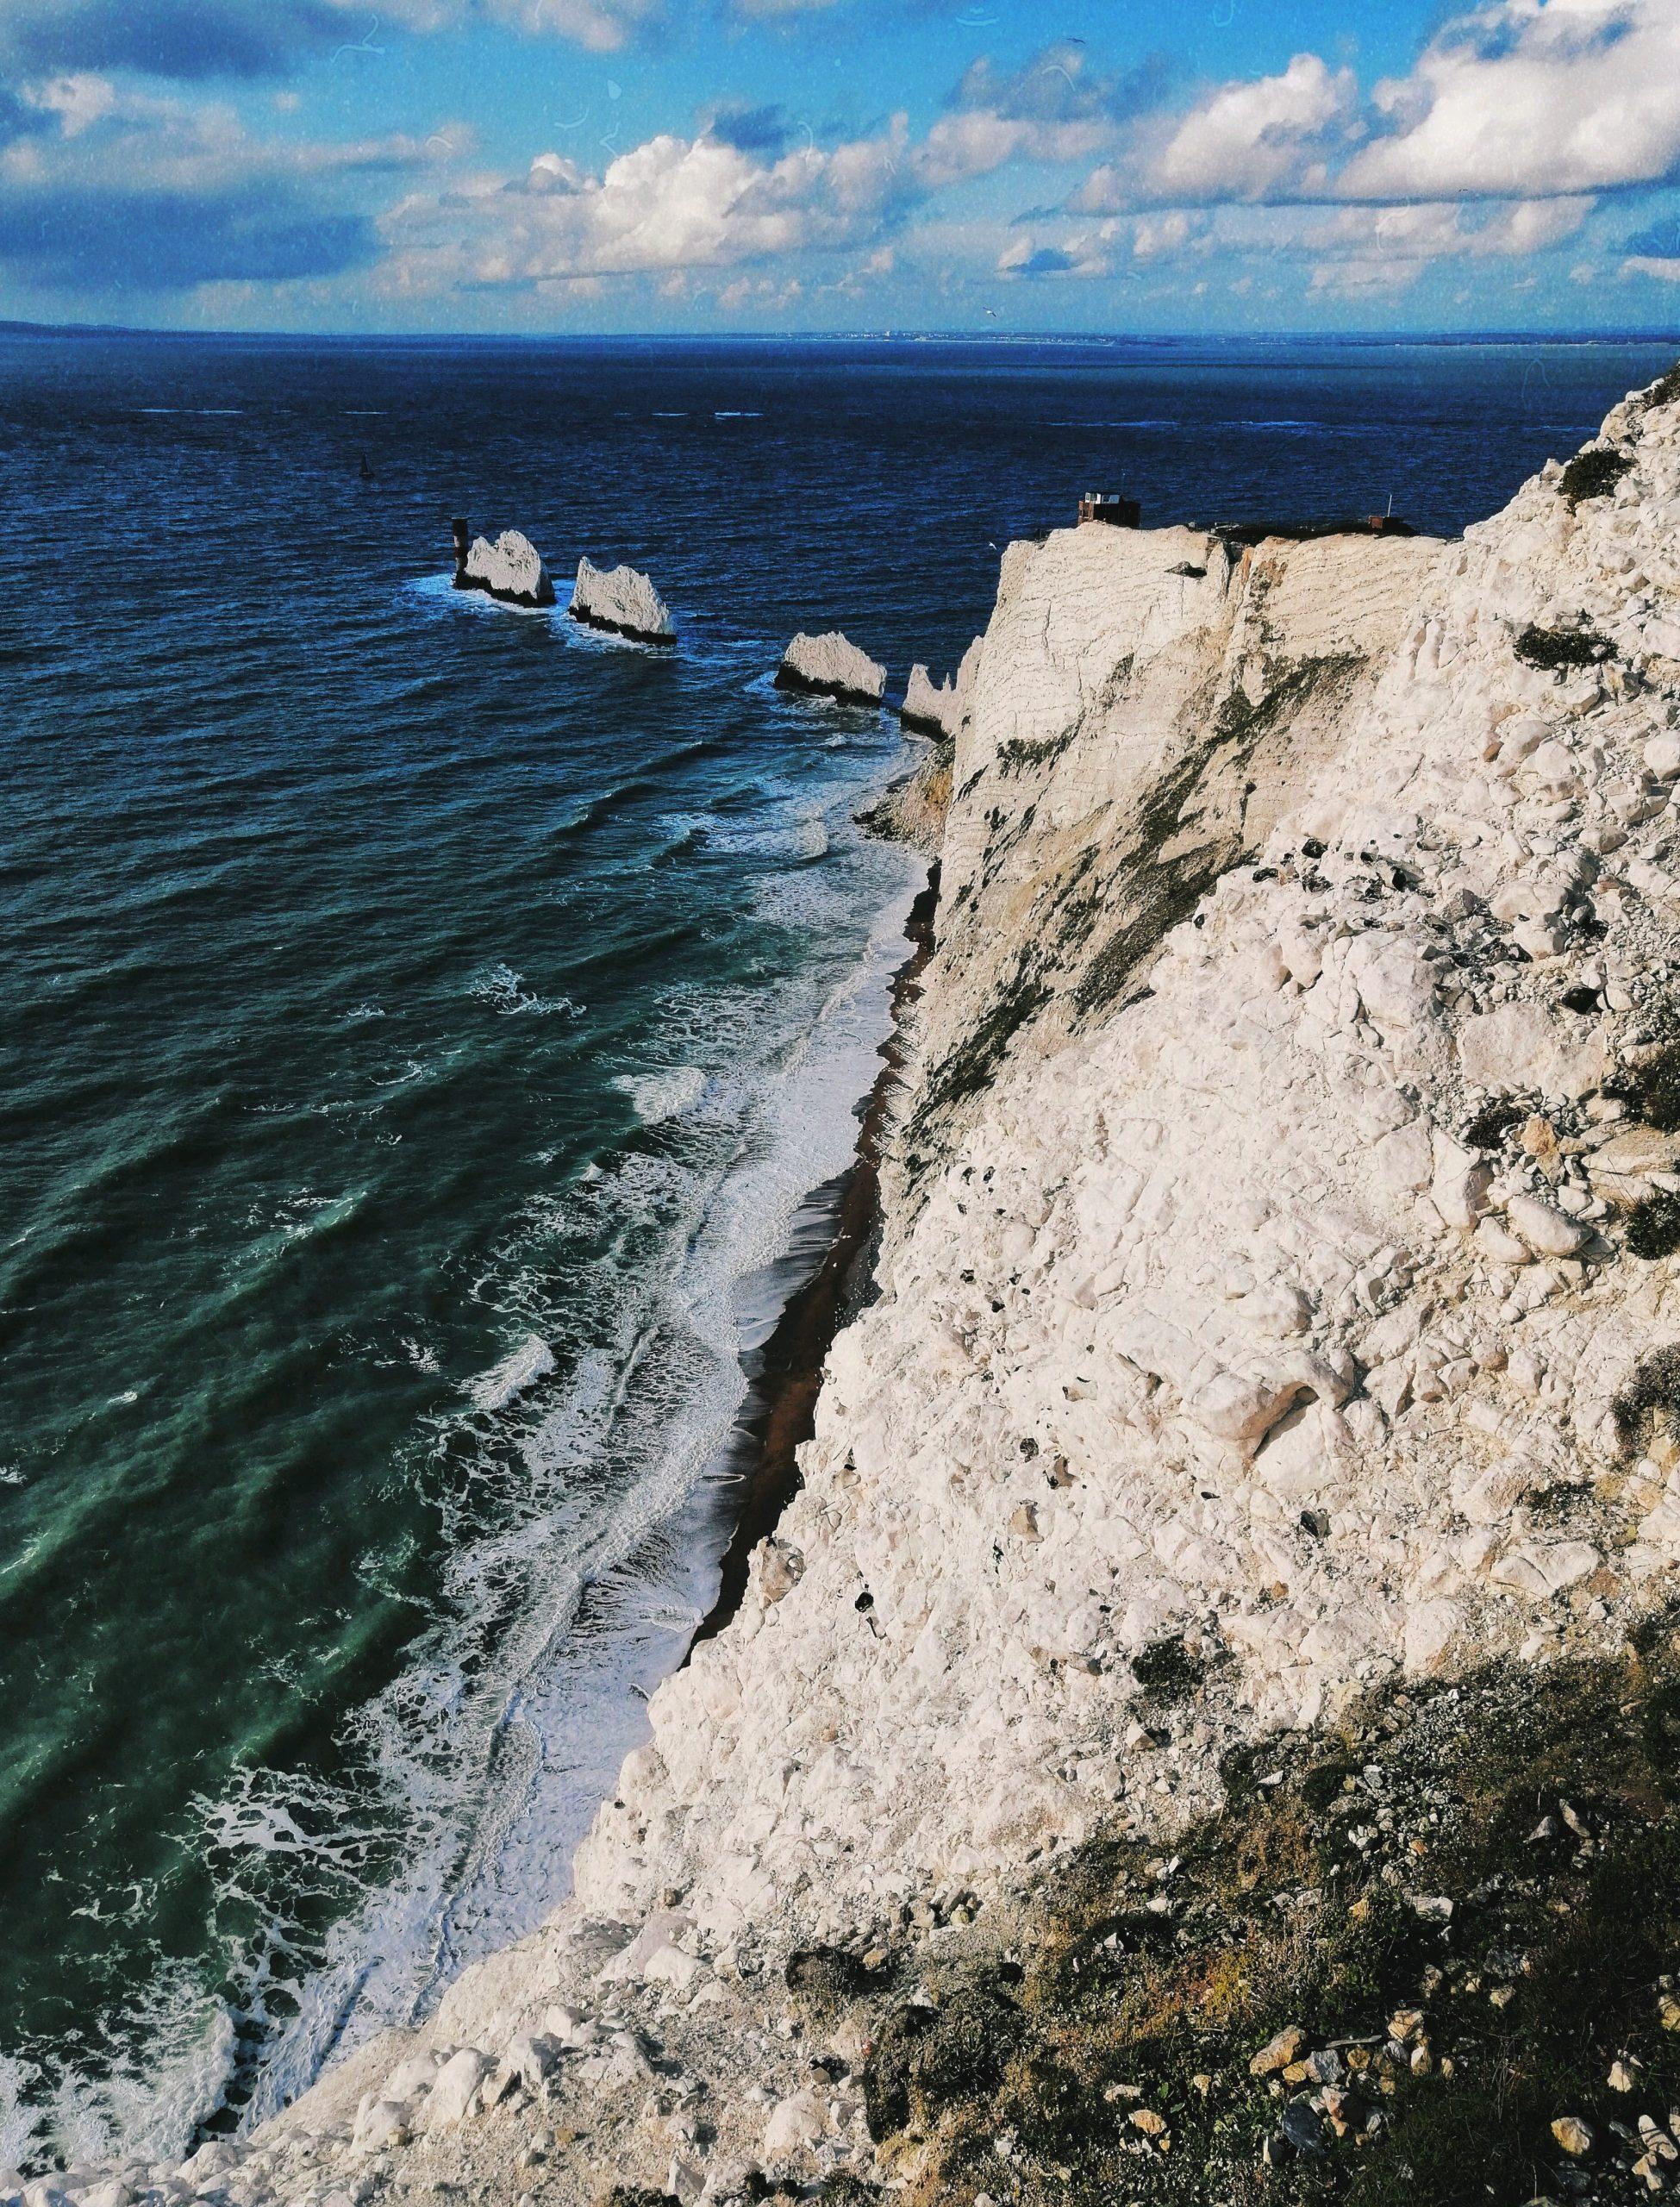 Един от проектите се проведе на едно от най-красивите места, на които съм била - Isle of Wight, Англия. Хостелът се намираше на 45 минути пеша от тези гледки. (The Needles, Alum Bay)